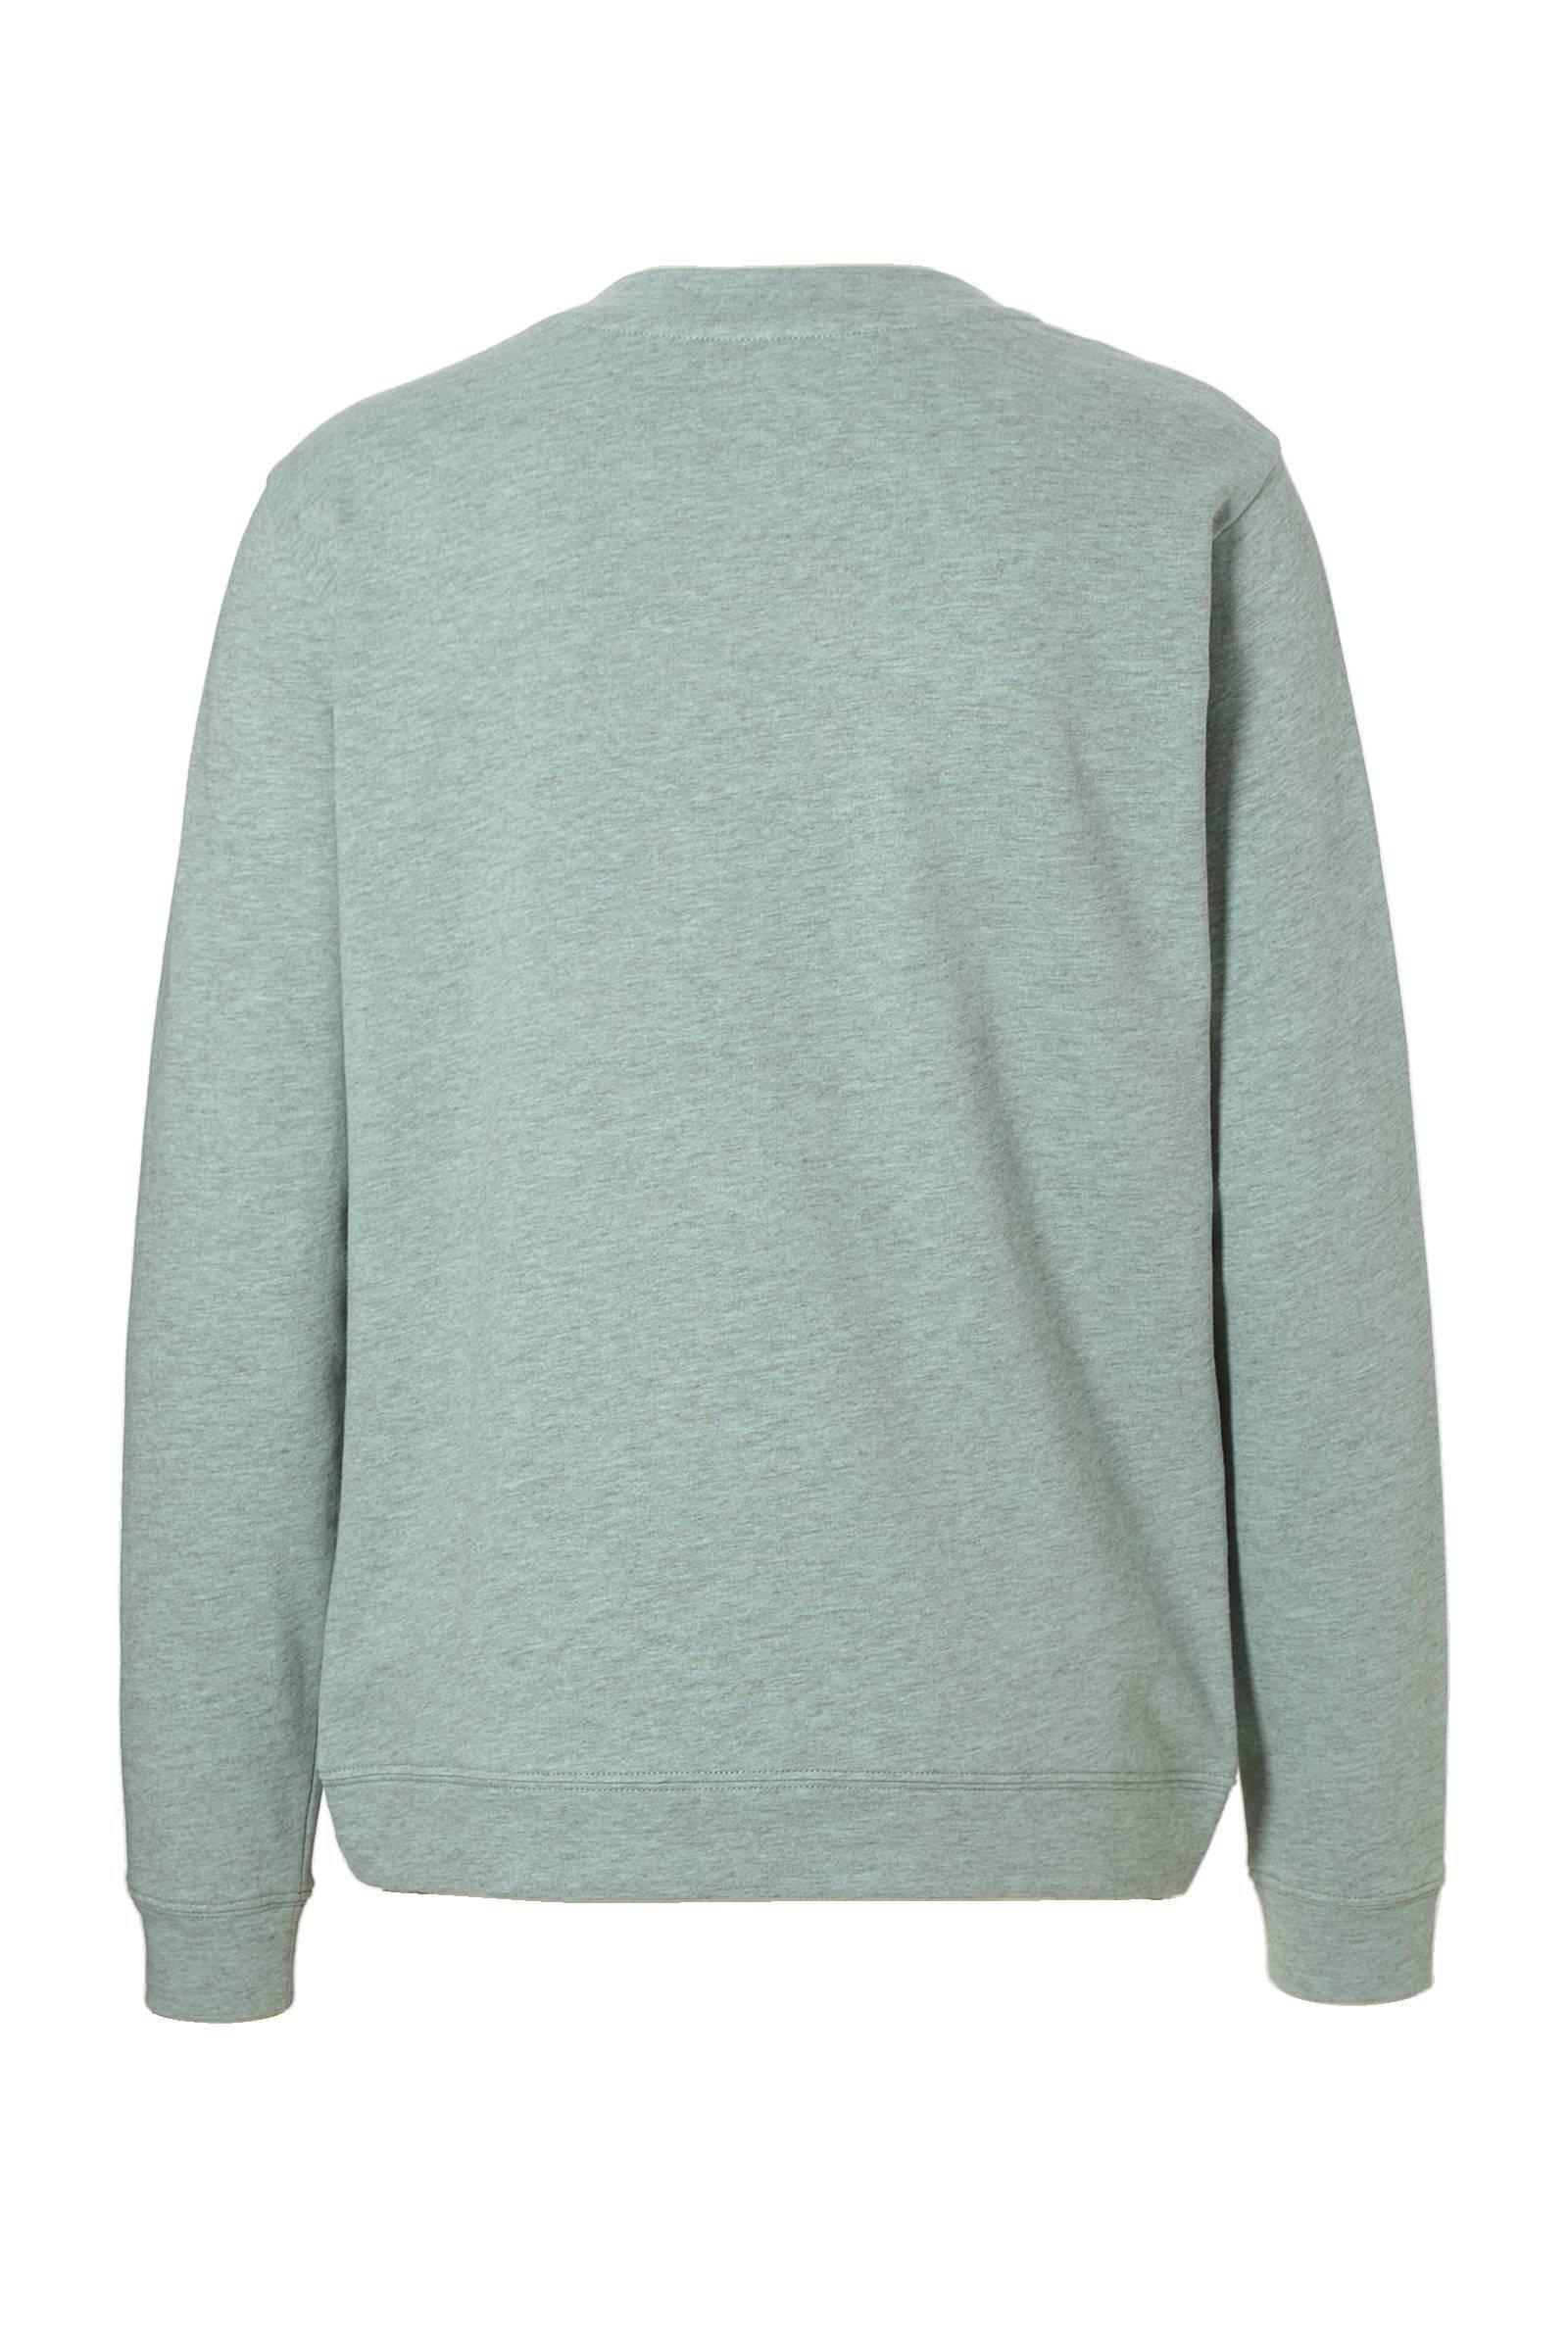 JACQUELINE DE YONG dunne sweater met printopdruk | wehkamp